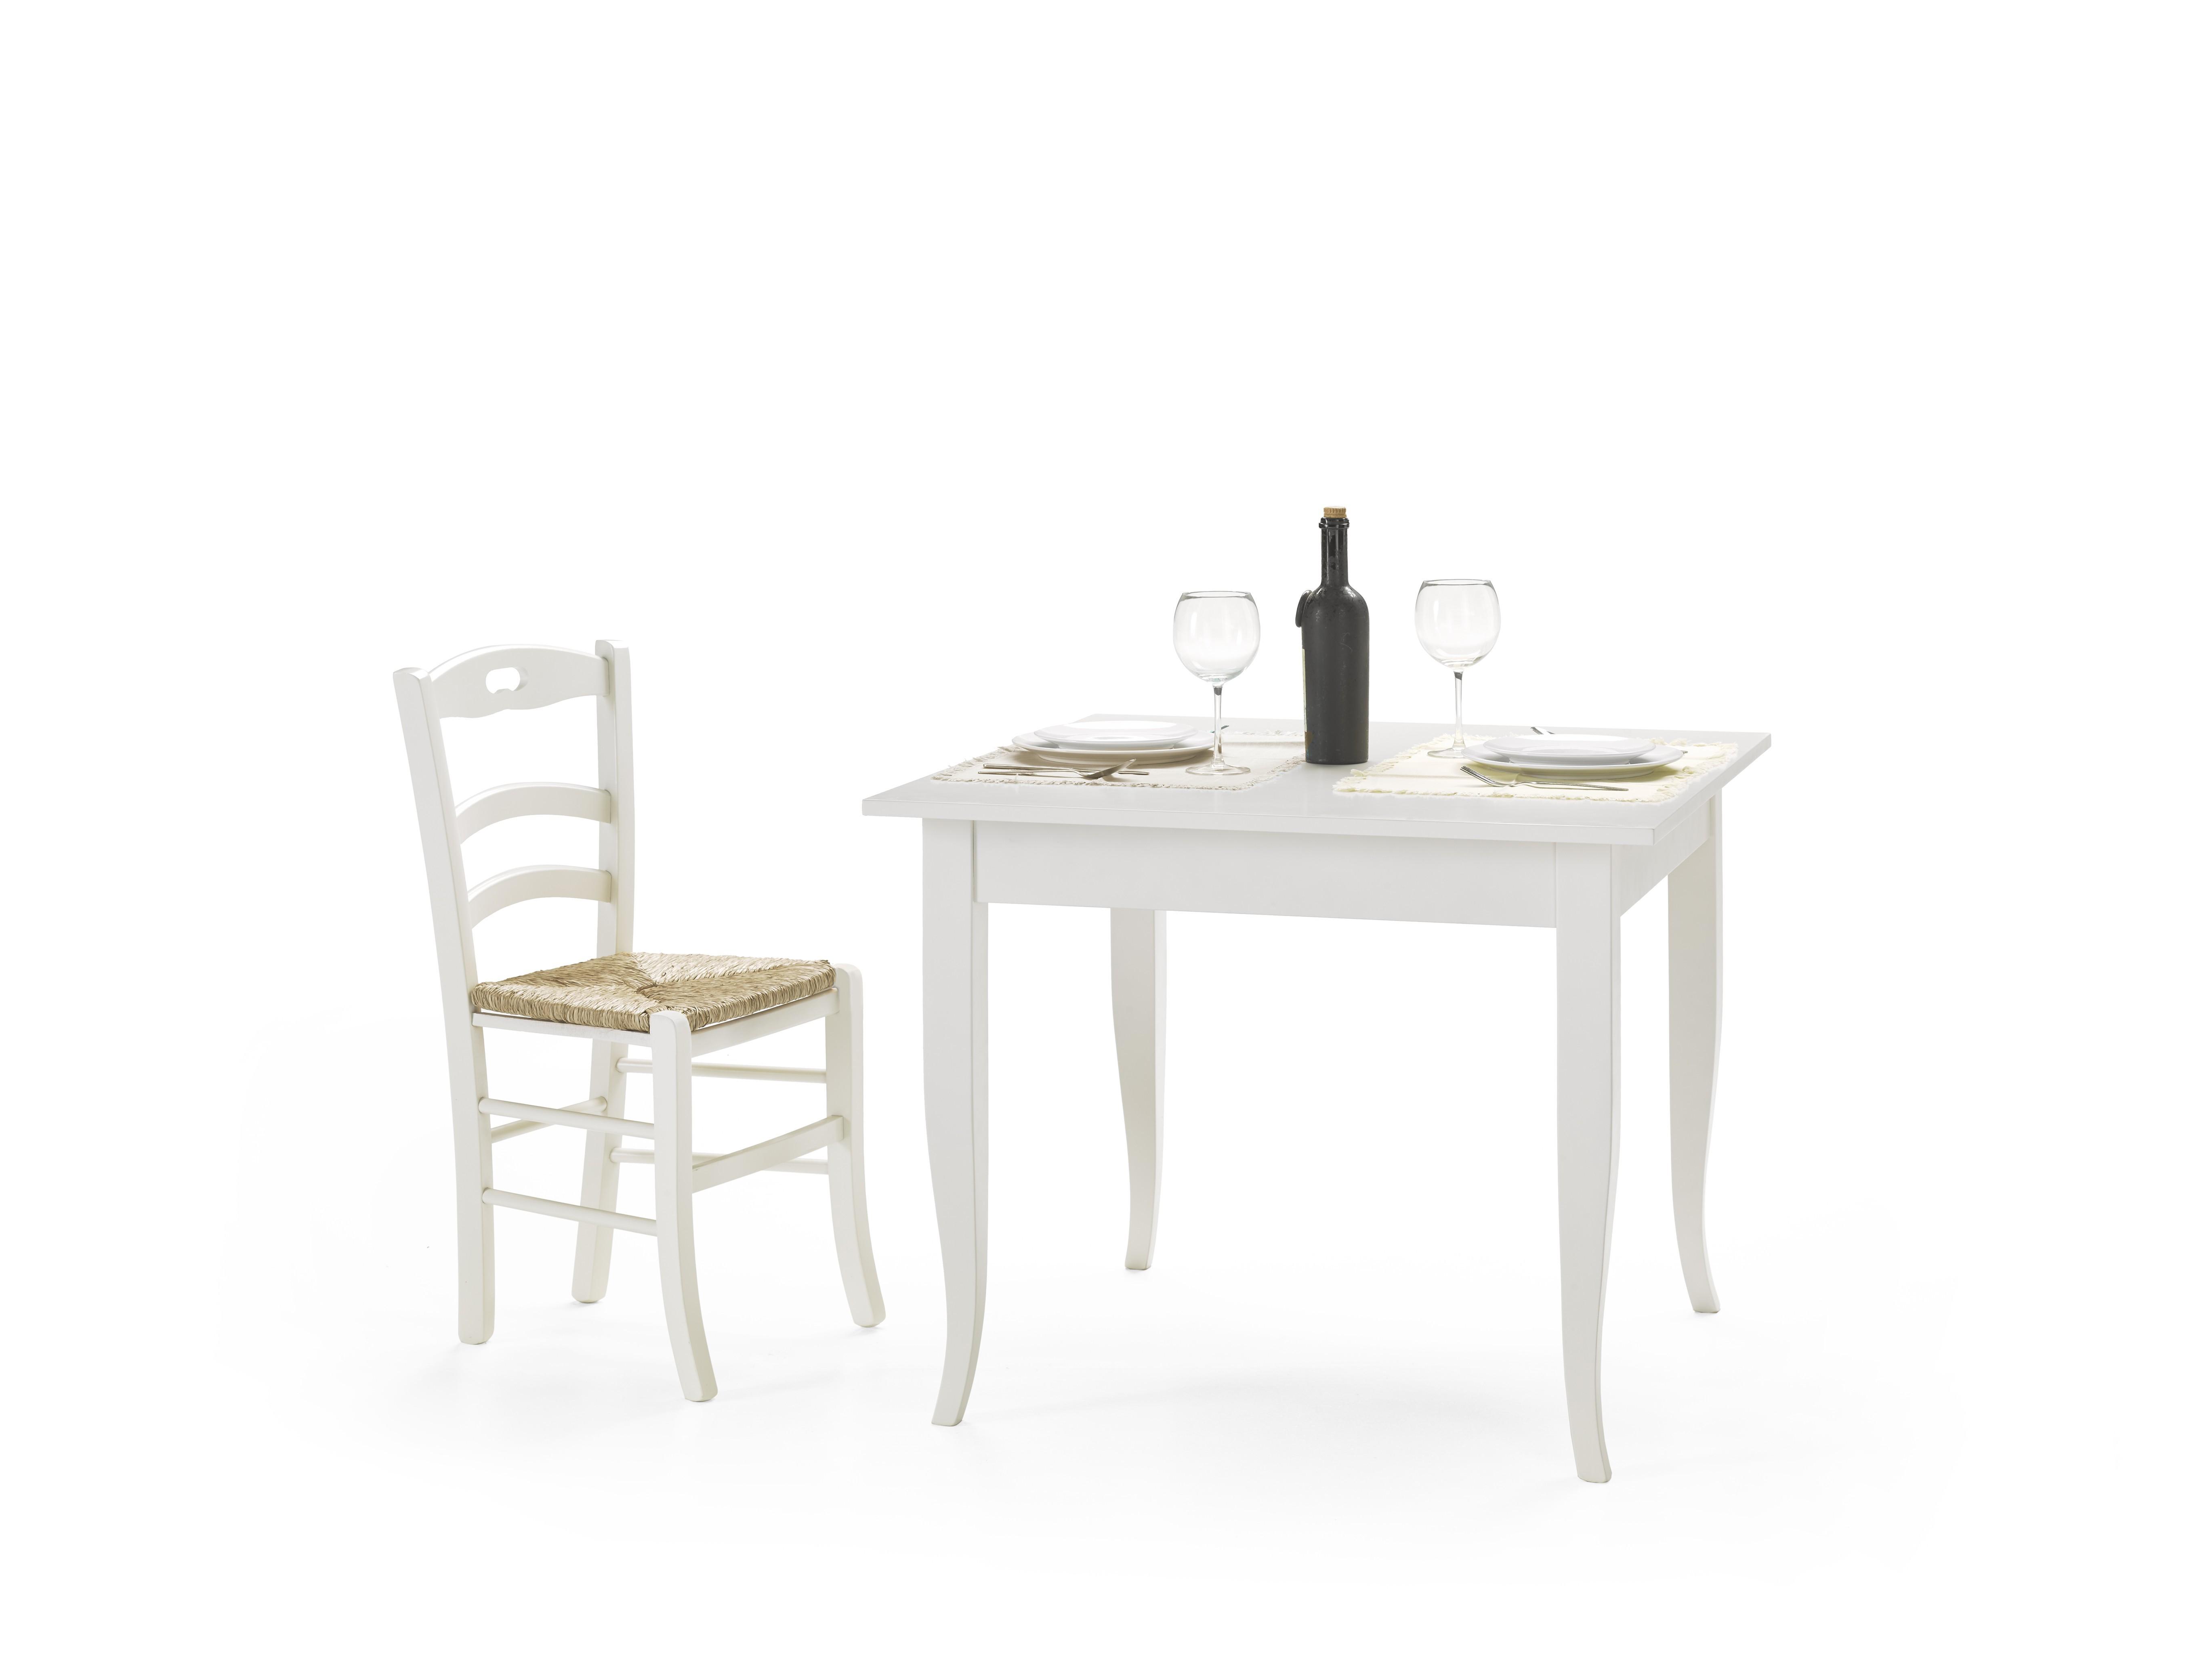 Tavolo 90 X 90 Allungabile Bianco.Tavolo In Legno 90x90 Fisso Colore Bianco